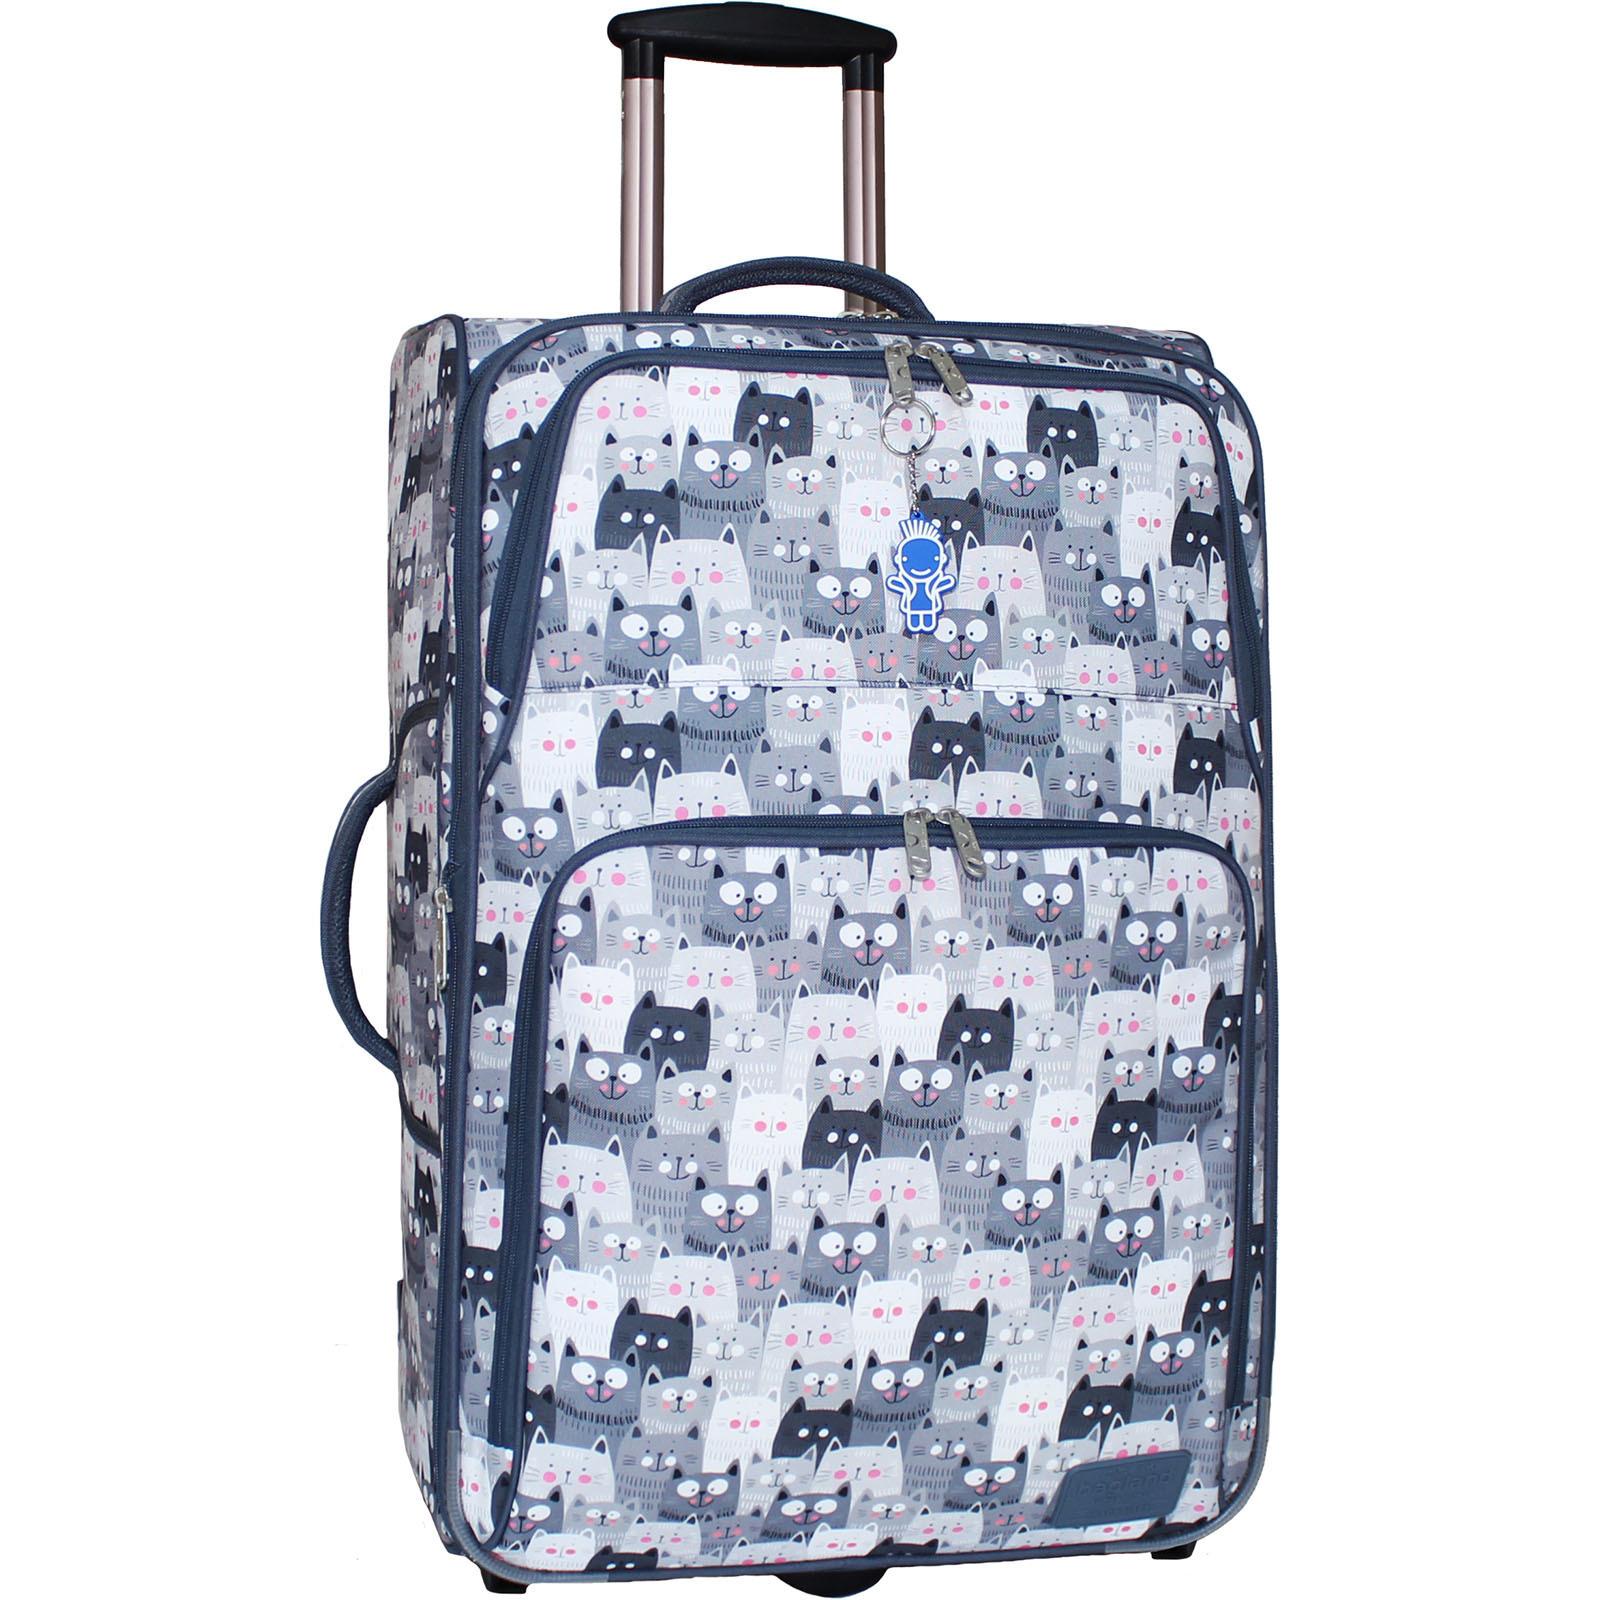 Дорожные чемоданы Чемодан Bagland Леон большой дизайн 70 л. сублимация (342) (0037666274) IMG_8437_арт342_.JPG